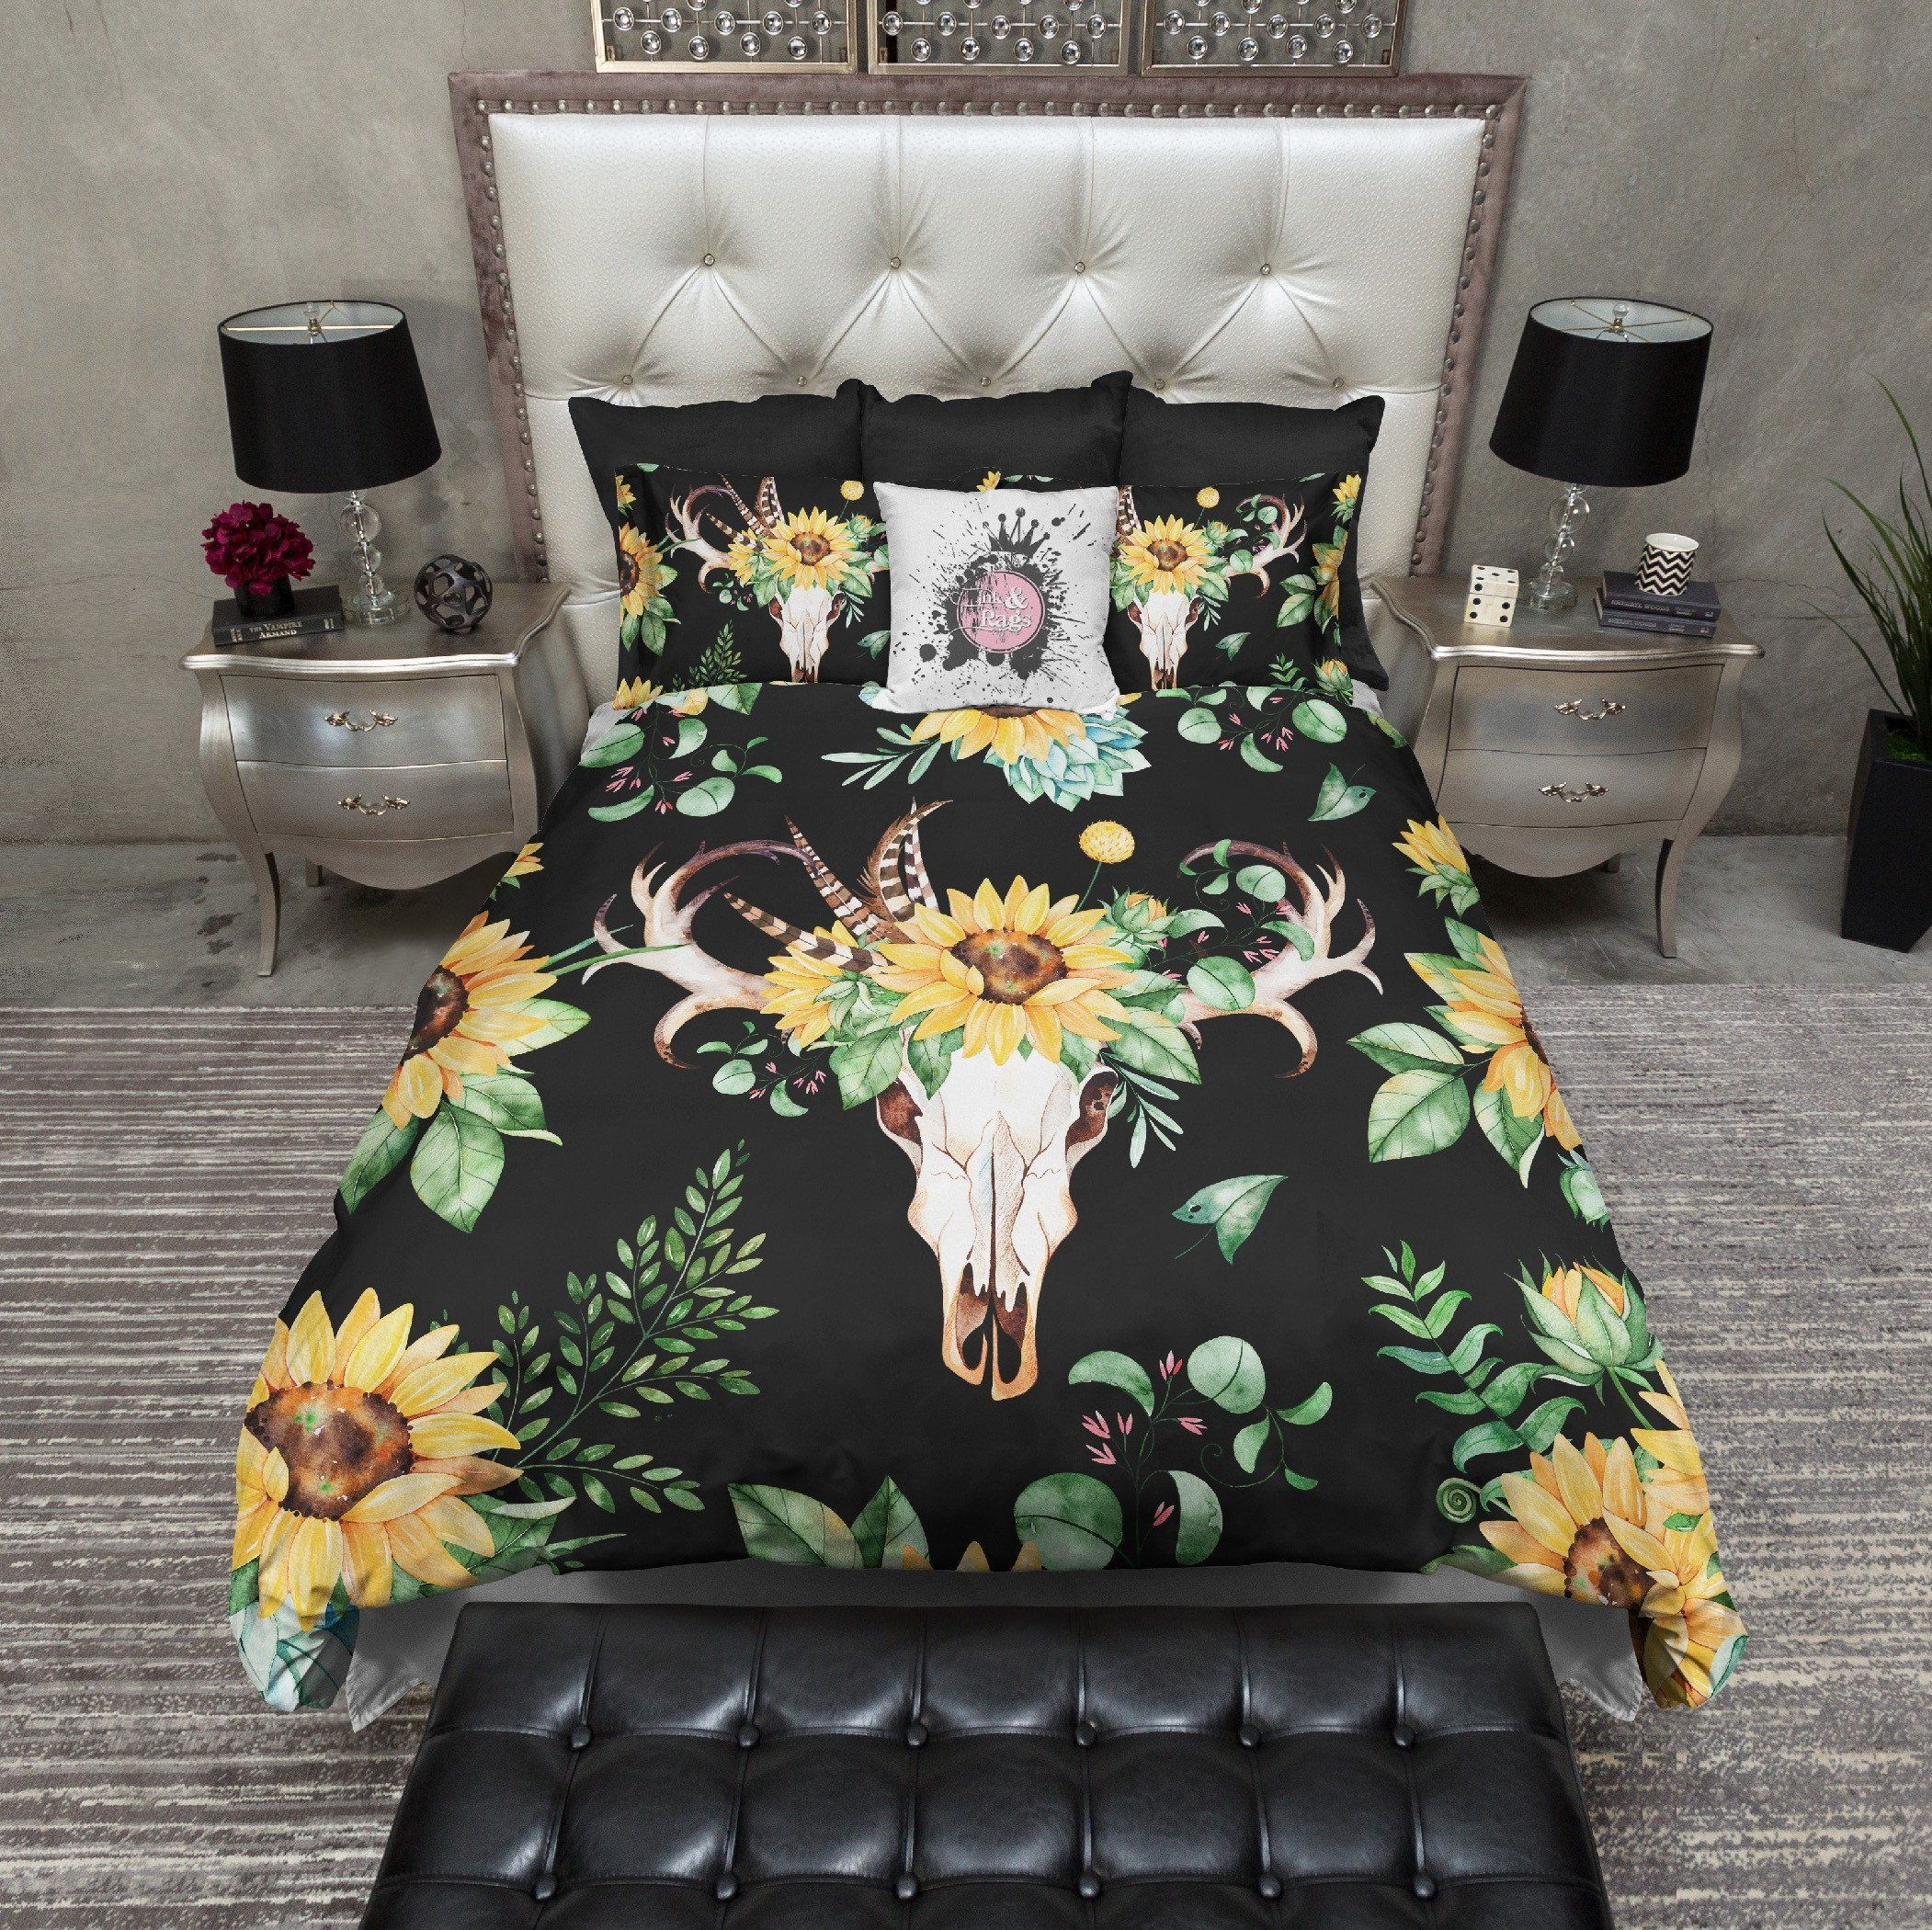 Sunflower And Deer Skull On Black Duvet Bedding Sets Luxury